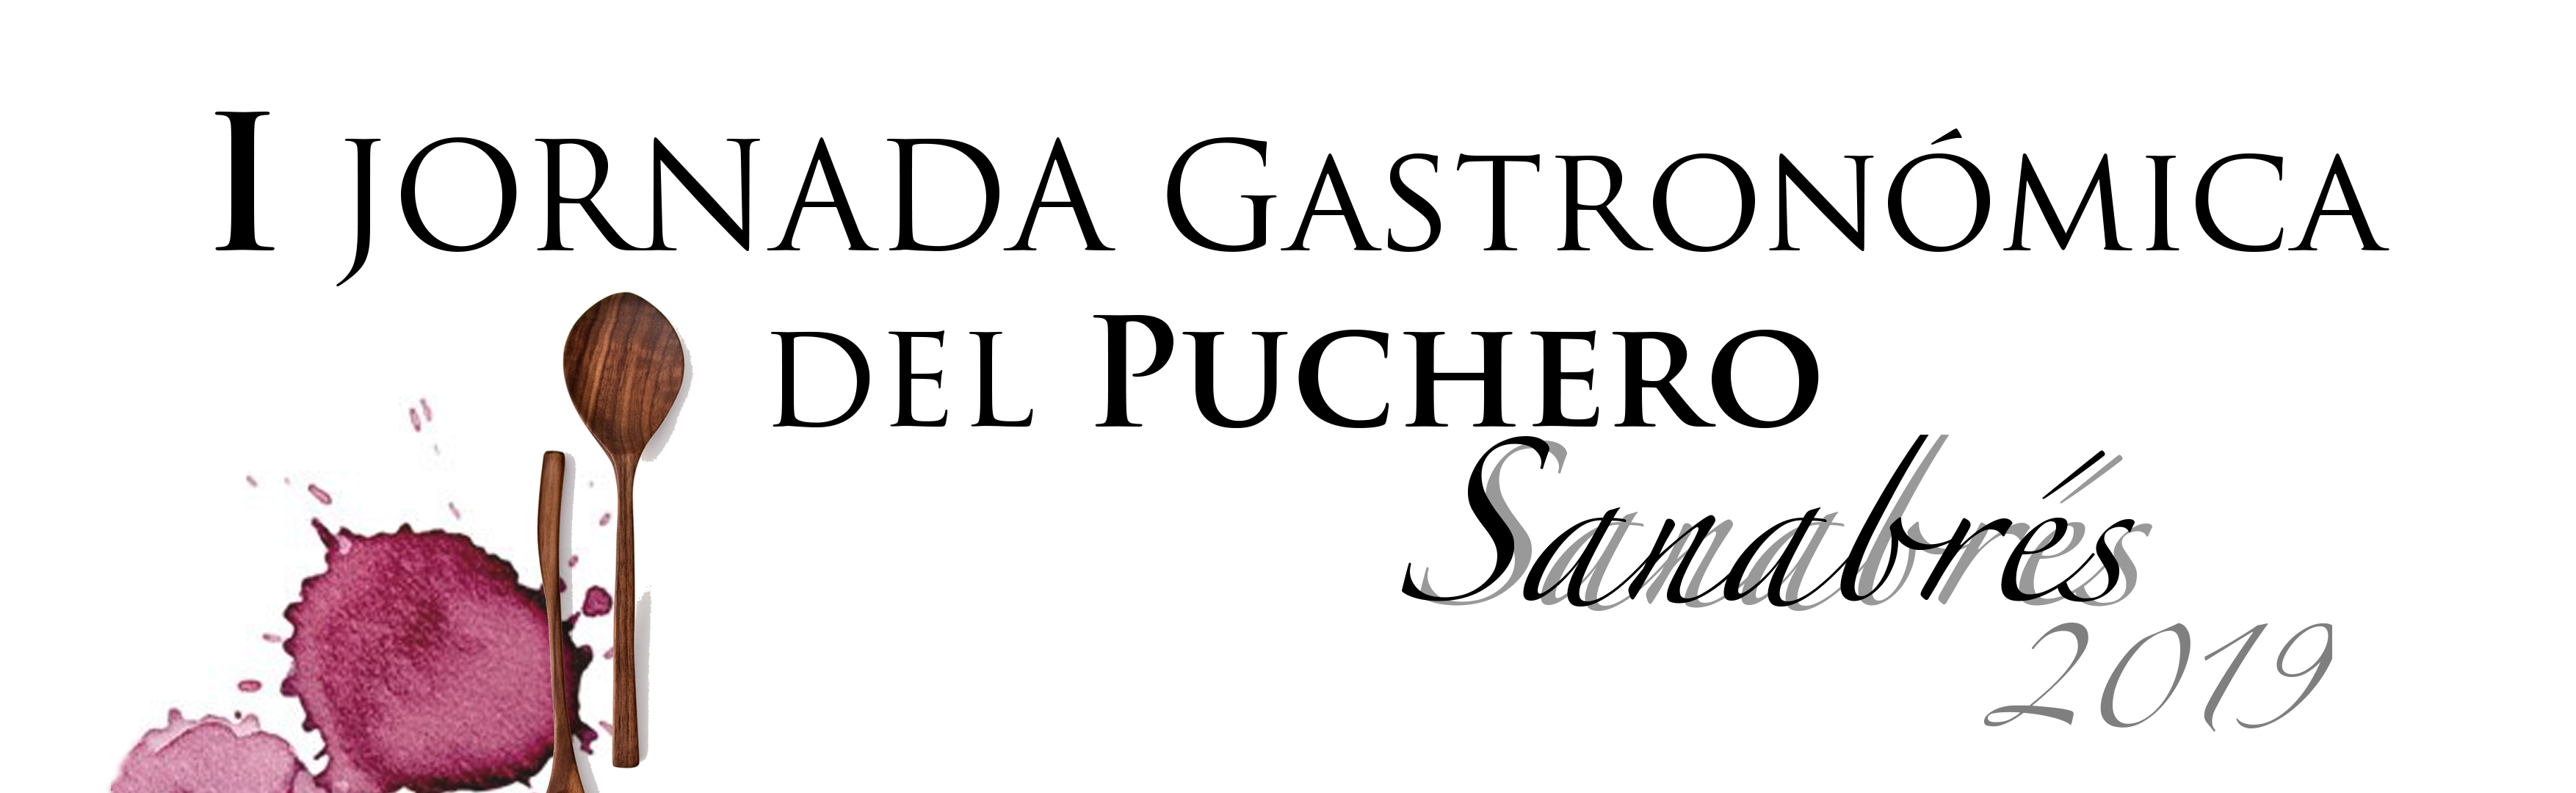 Jornadas del Puchero de Sanabria y La Carballeda